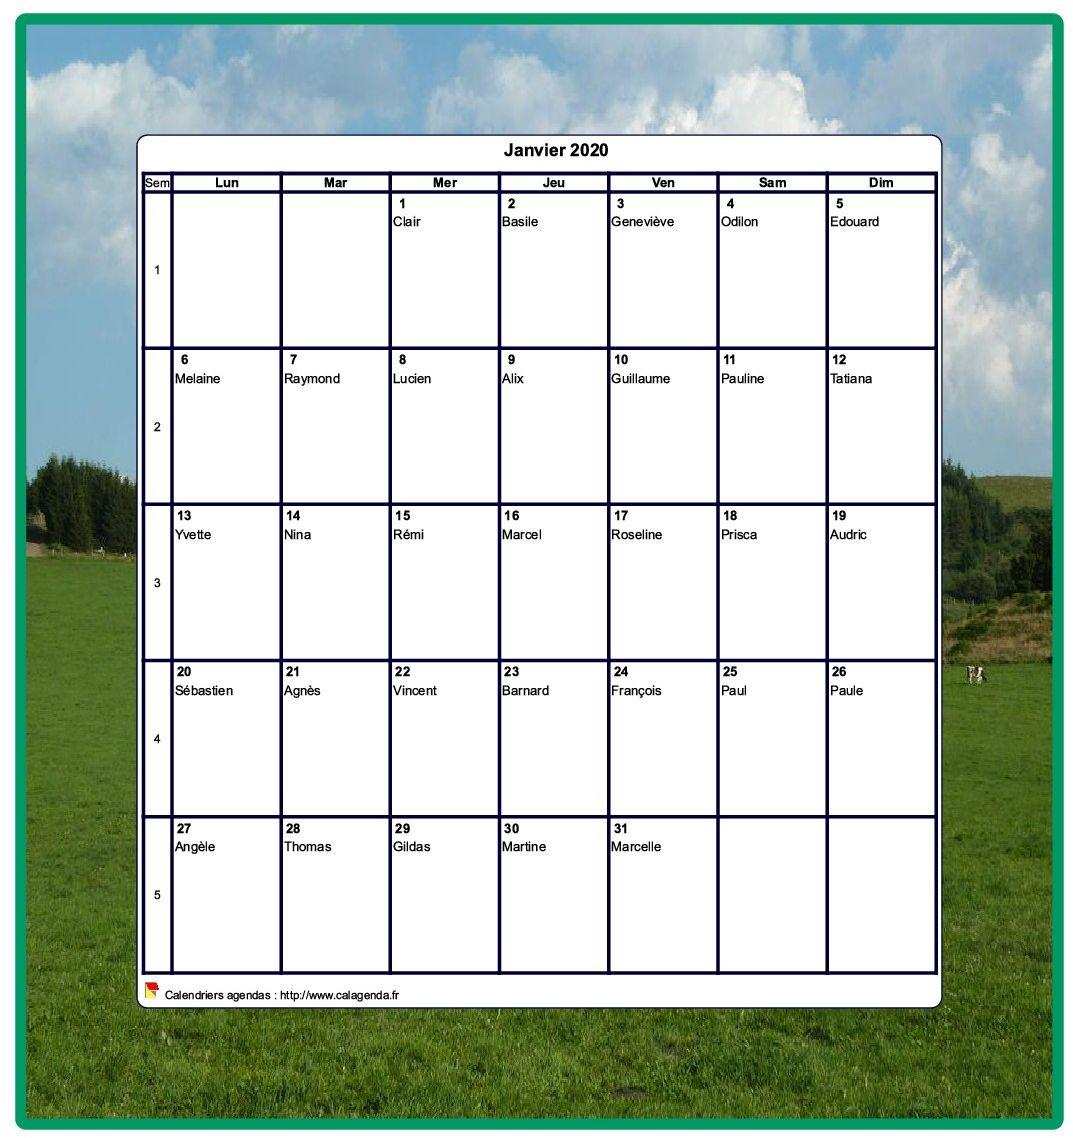 Calendrier A Imprimer Novembre 2020.Calendrier 2020 Decoratif A Imprimer Mensuel Format